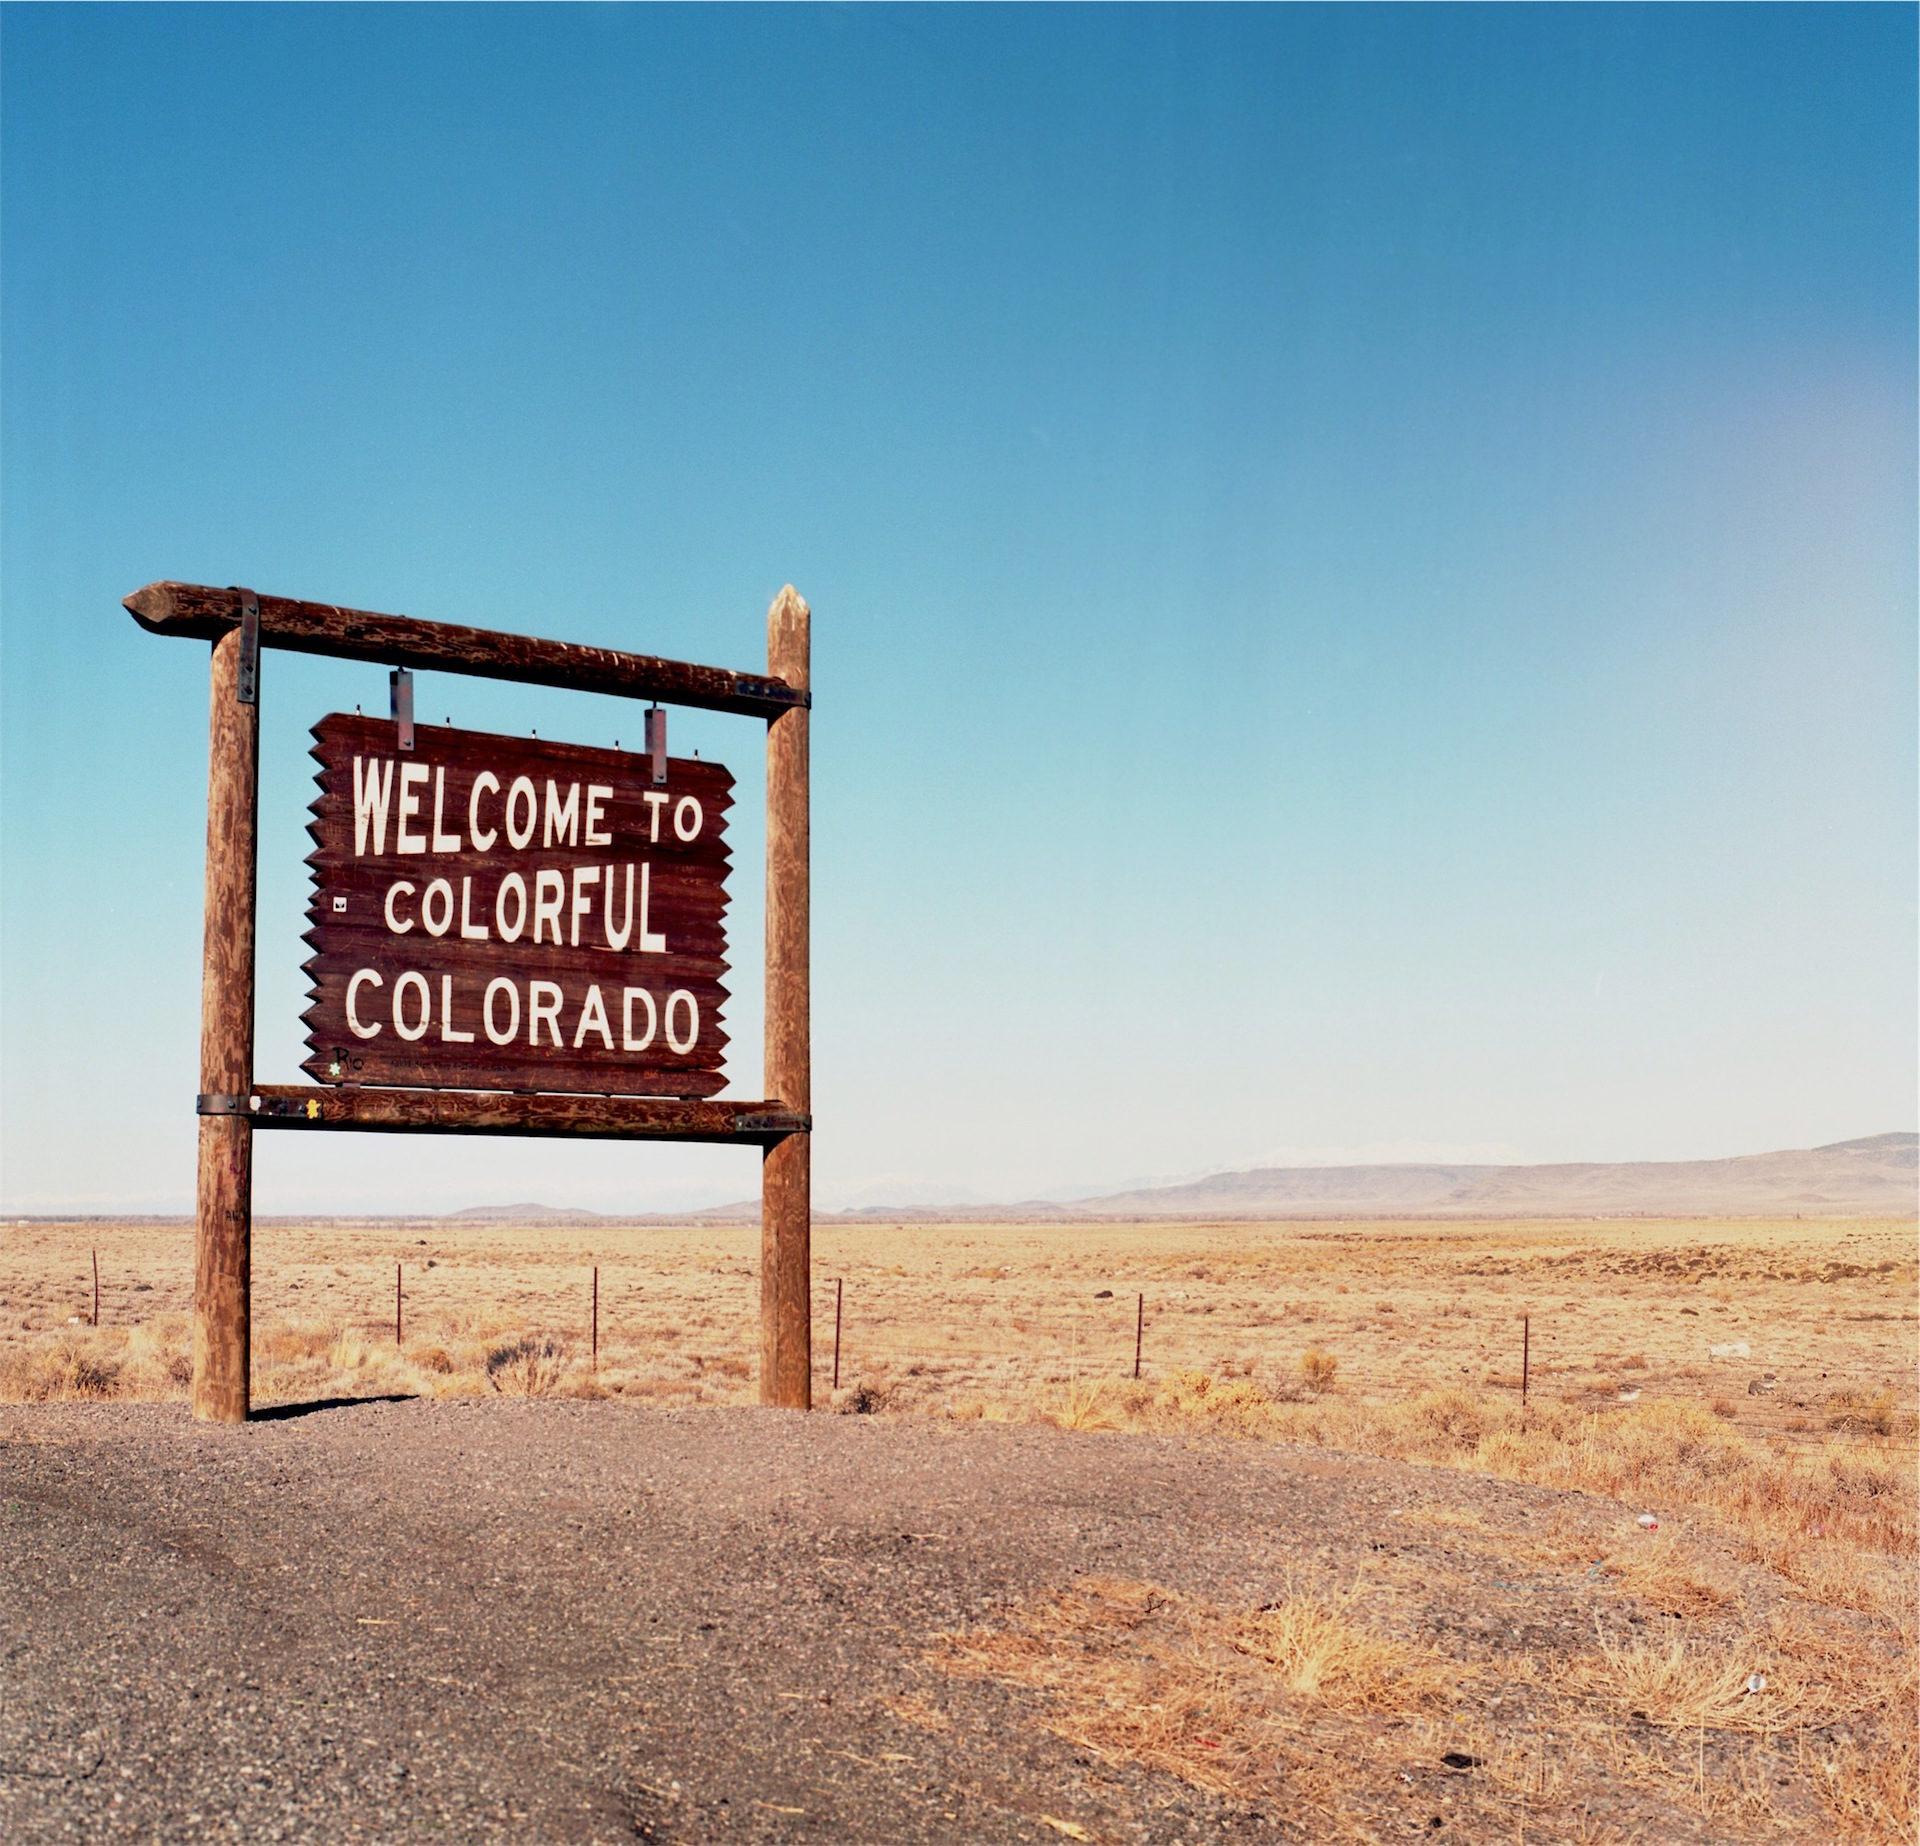 έρημο, Κολοράντο, αφίσα, Αμερική, Ουρανός - Wallpapers HD - Professor-falken.com